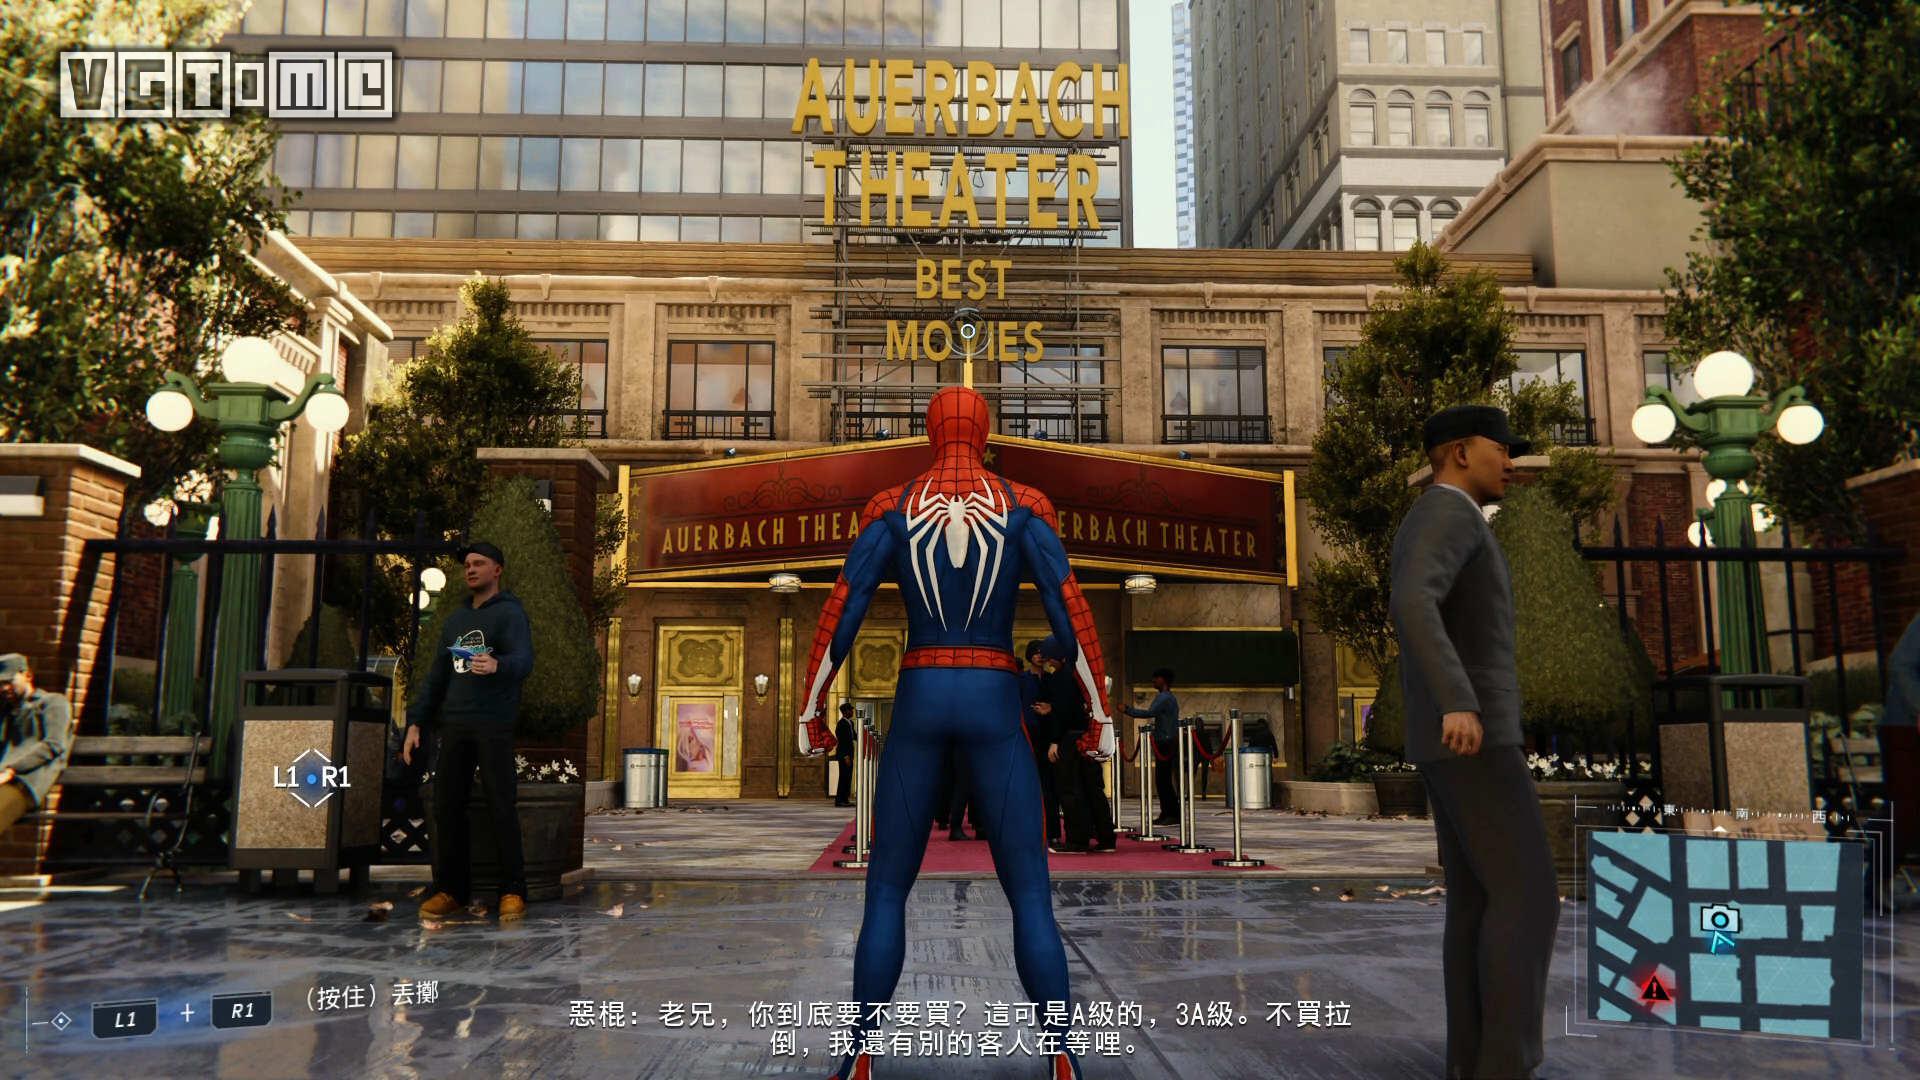 《漫威蜘蛛侠》全秘密拍照活动地点一览